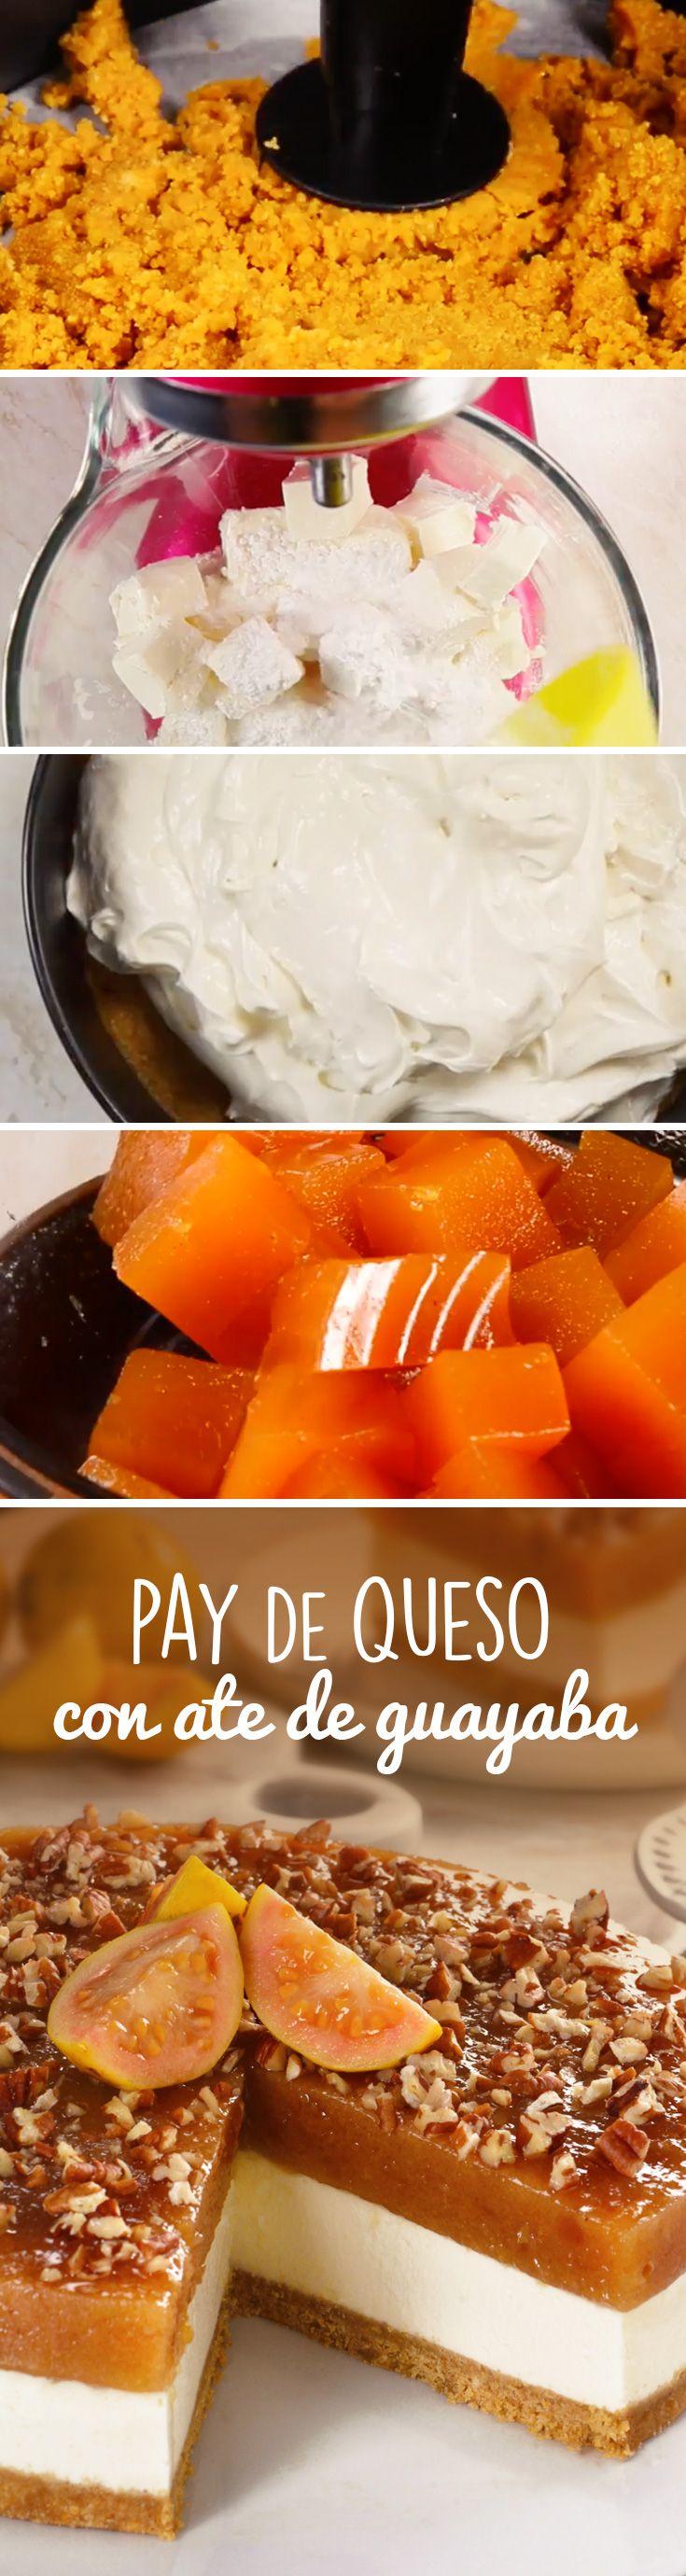 Este pay de queso con ate es una un postre muy original para fiestas patrias o Navidad, ya que combina el delicioso sabor a guayaba y quesos de un cheesecake sin horno.